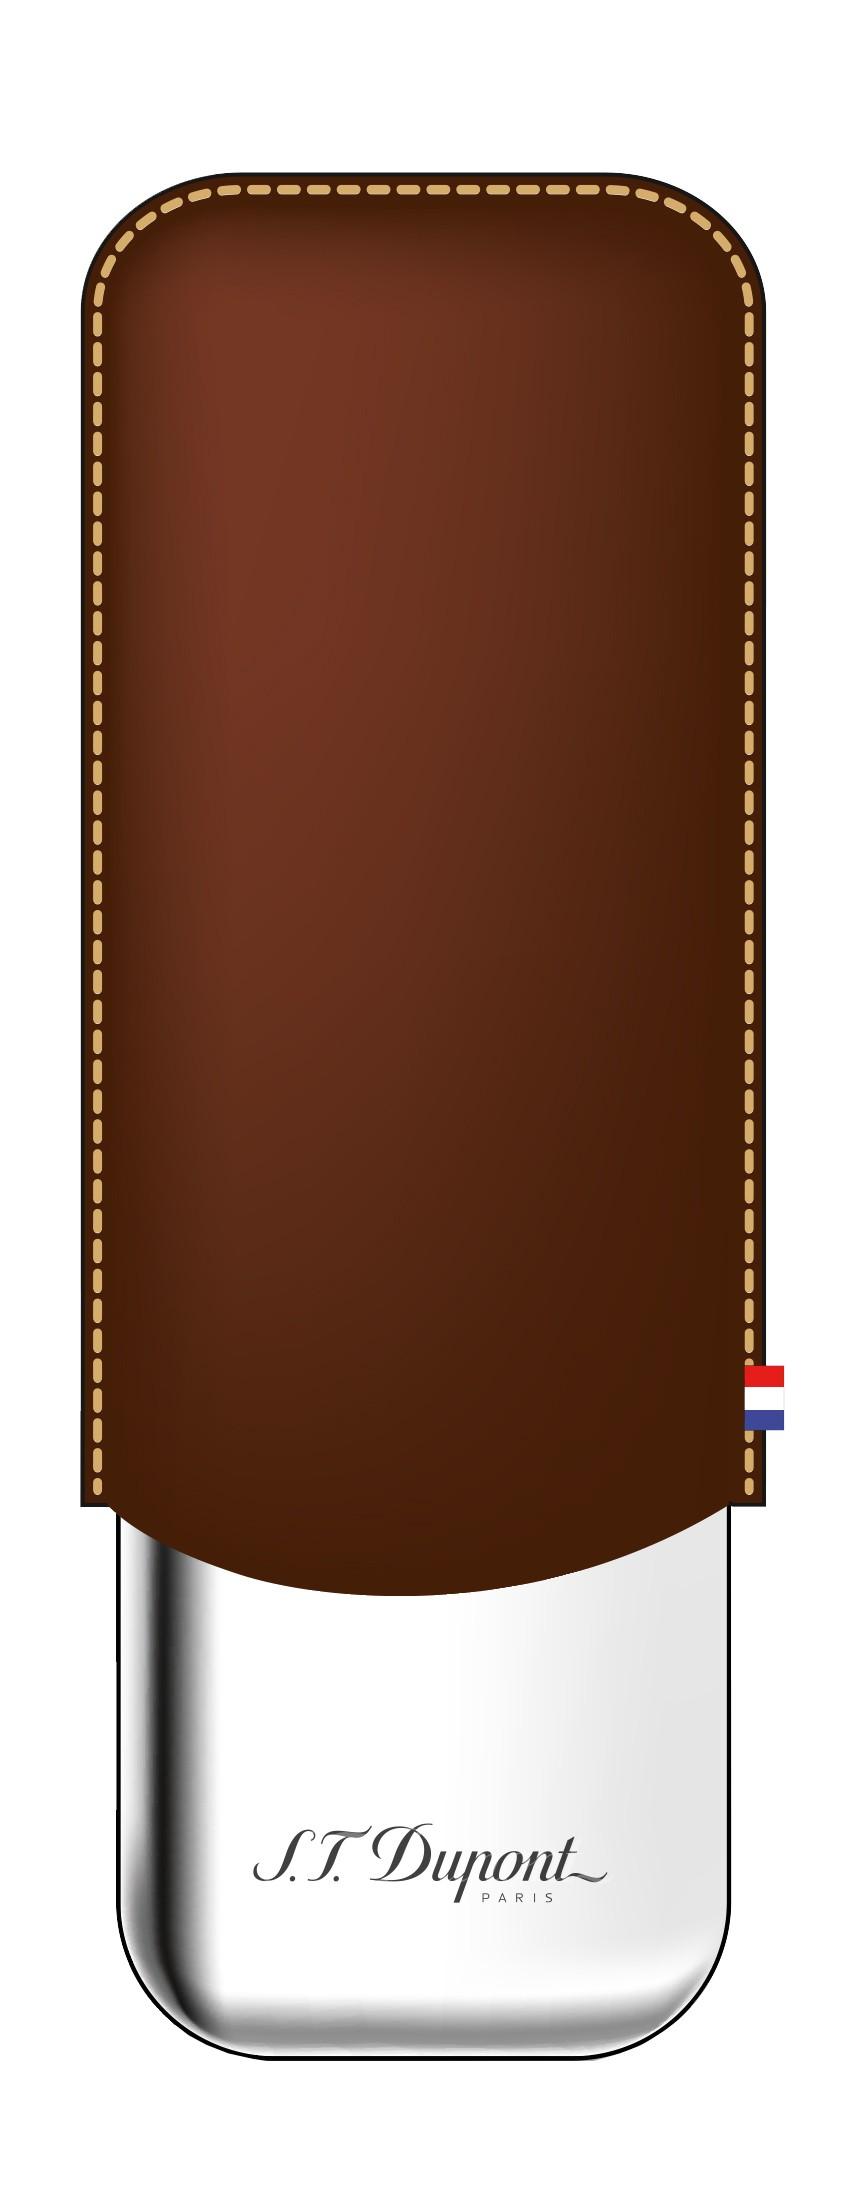 Étui à cigares S.T. Dupont marron pour 2 cigares